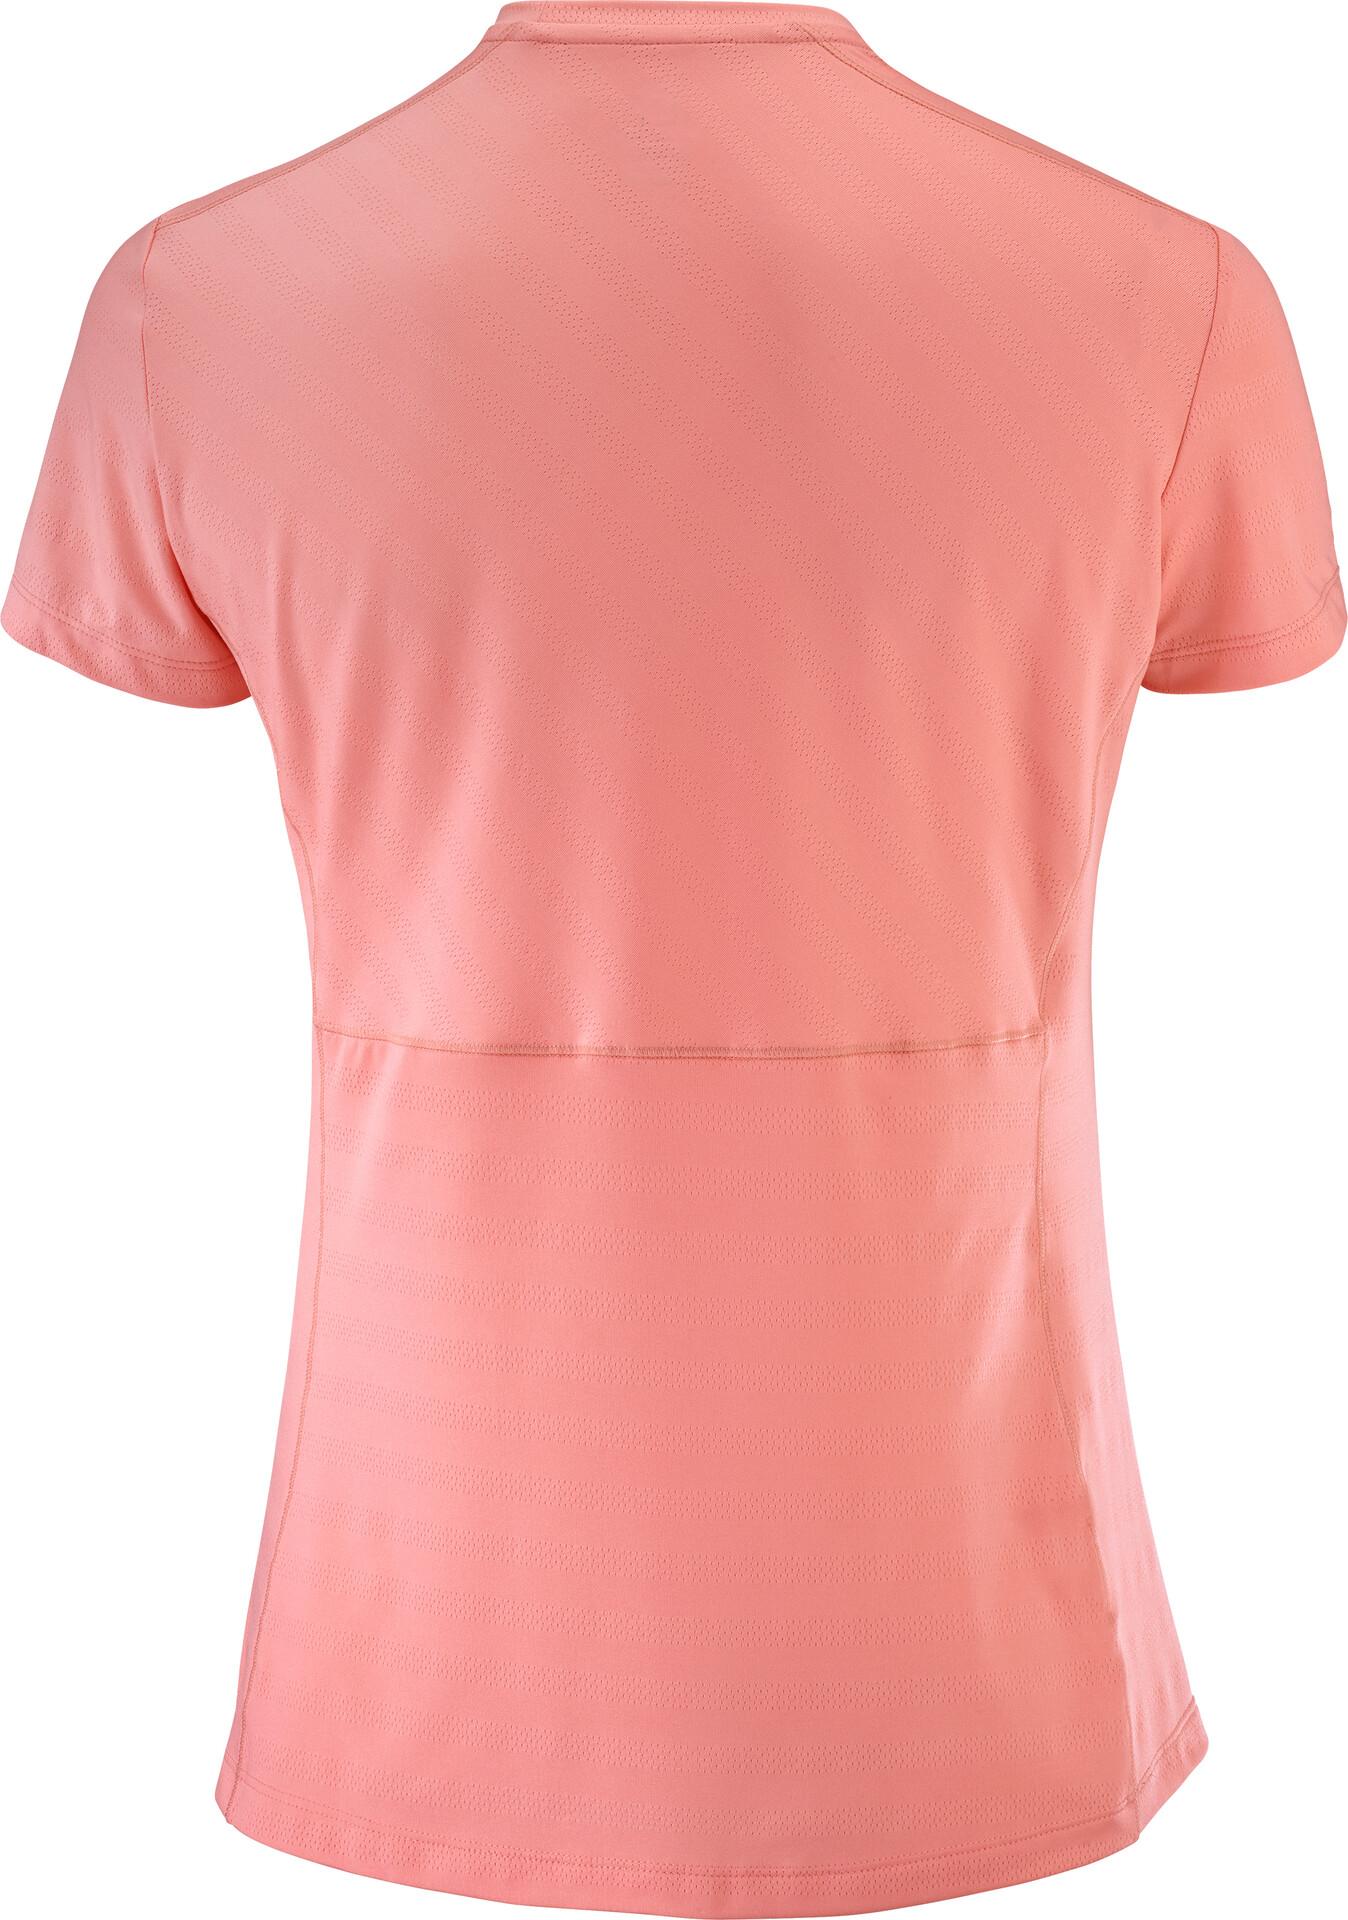 Salomon XA T shirt Damer, desert flower